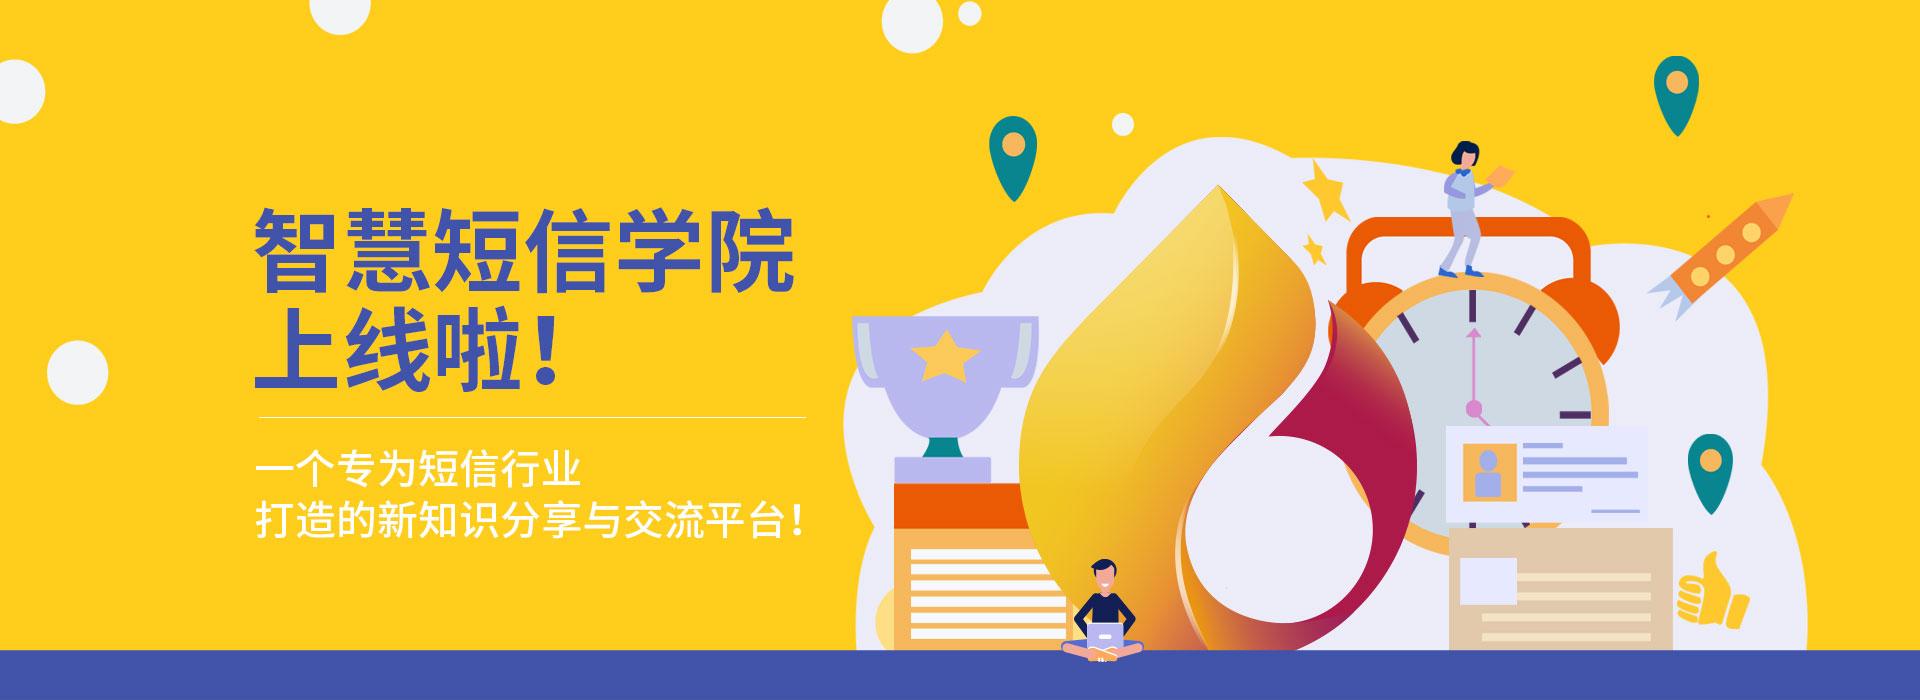 智慧短信學院banner1